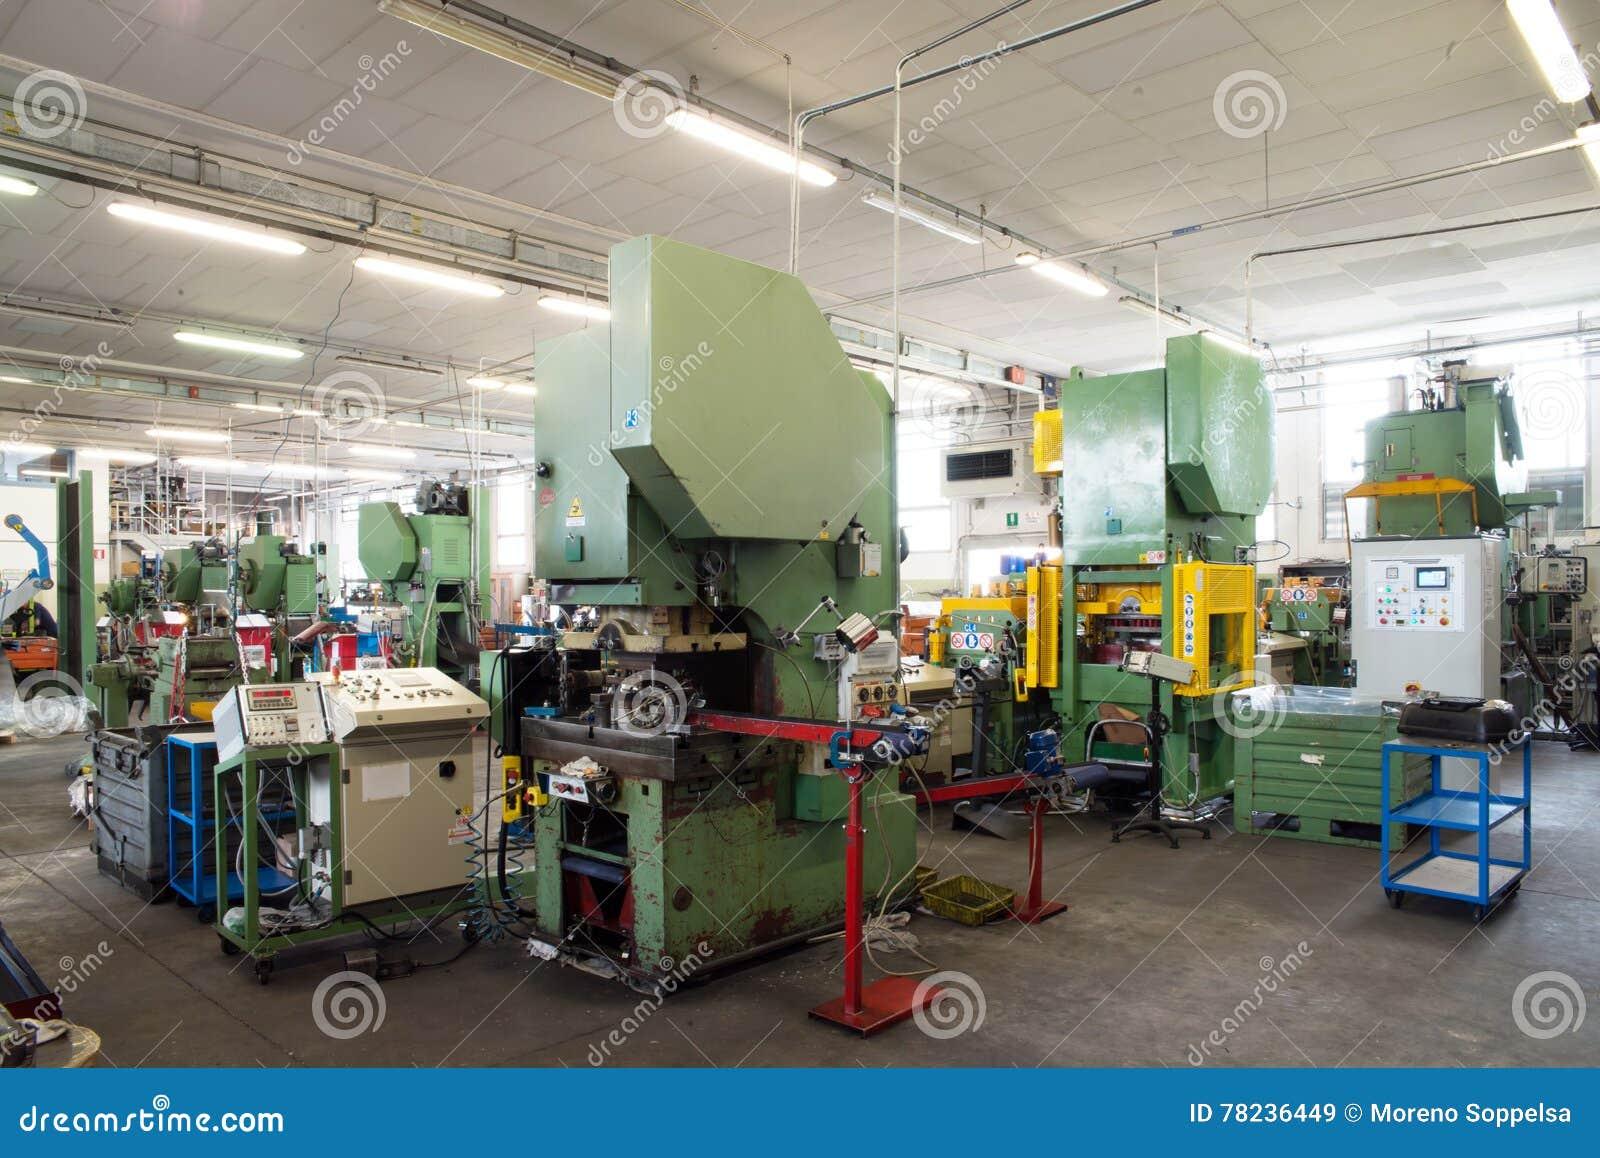 Εργαστήριο - Τύπος διαμόρφωσης μετάλλων